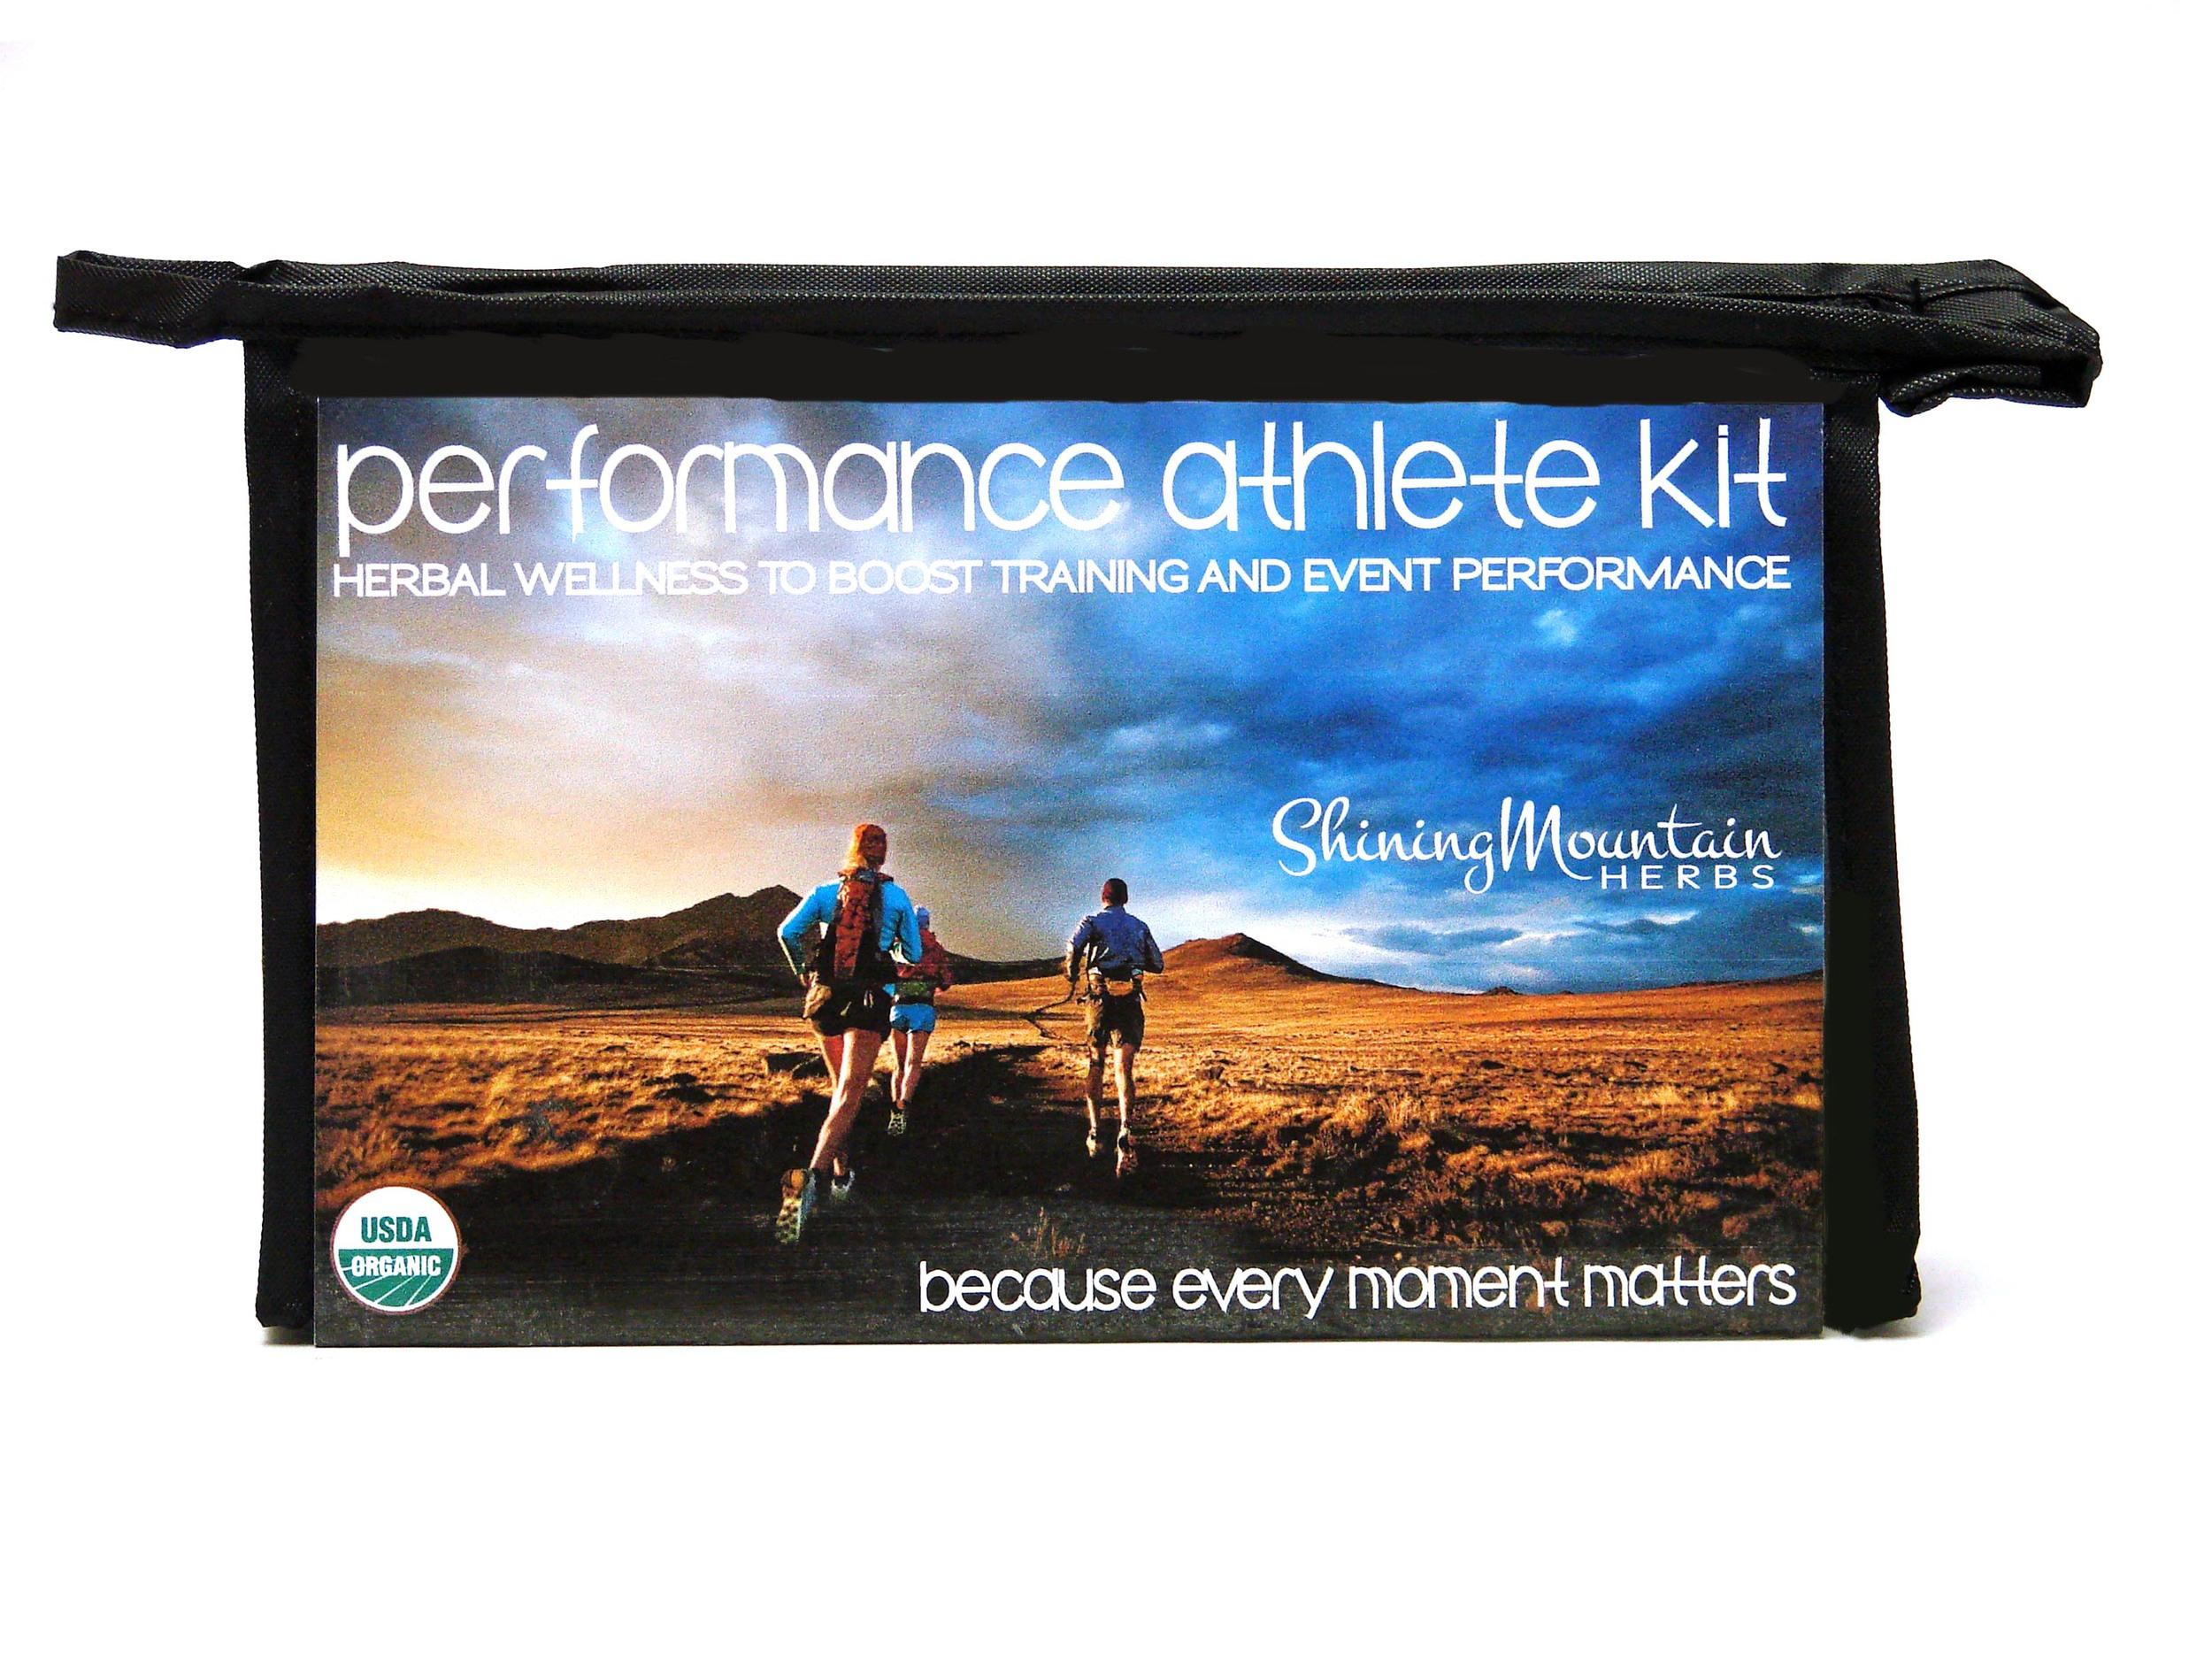 Performance Athlete Kit for website.jpg